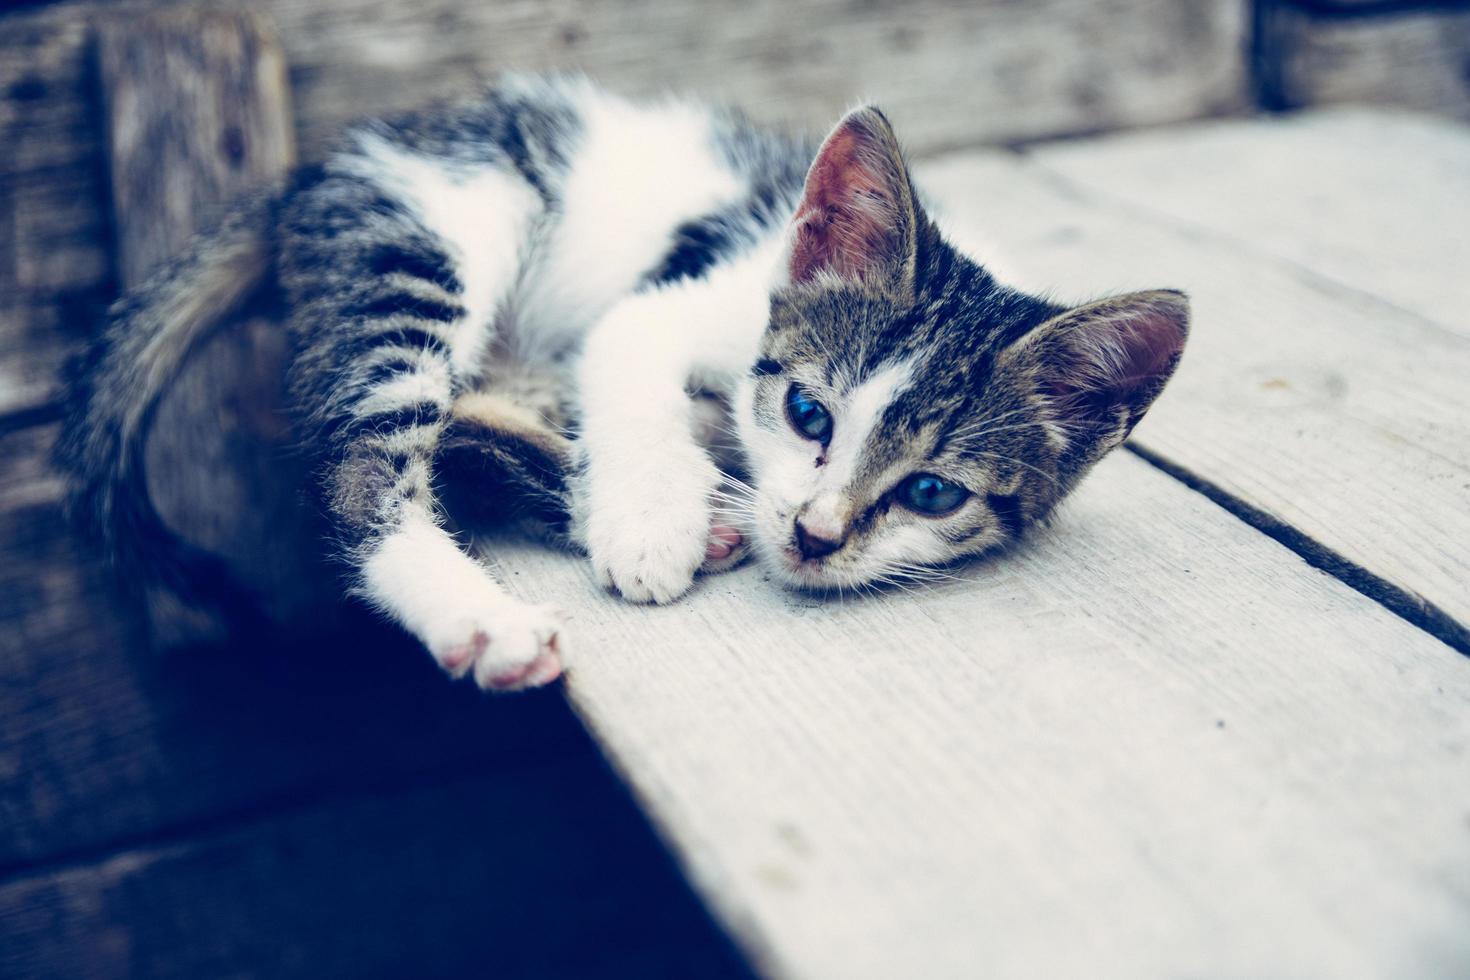 gattino tabby bianco e nero sdraiato sulla superficie di legno marrone foto